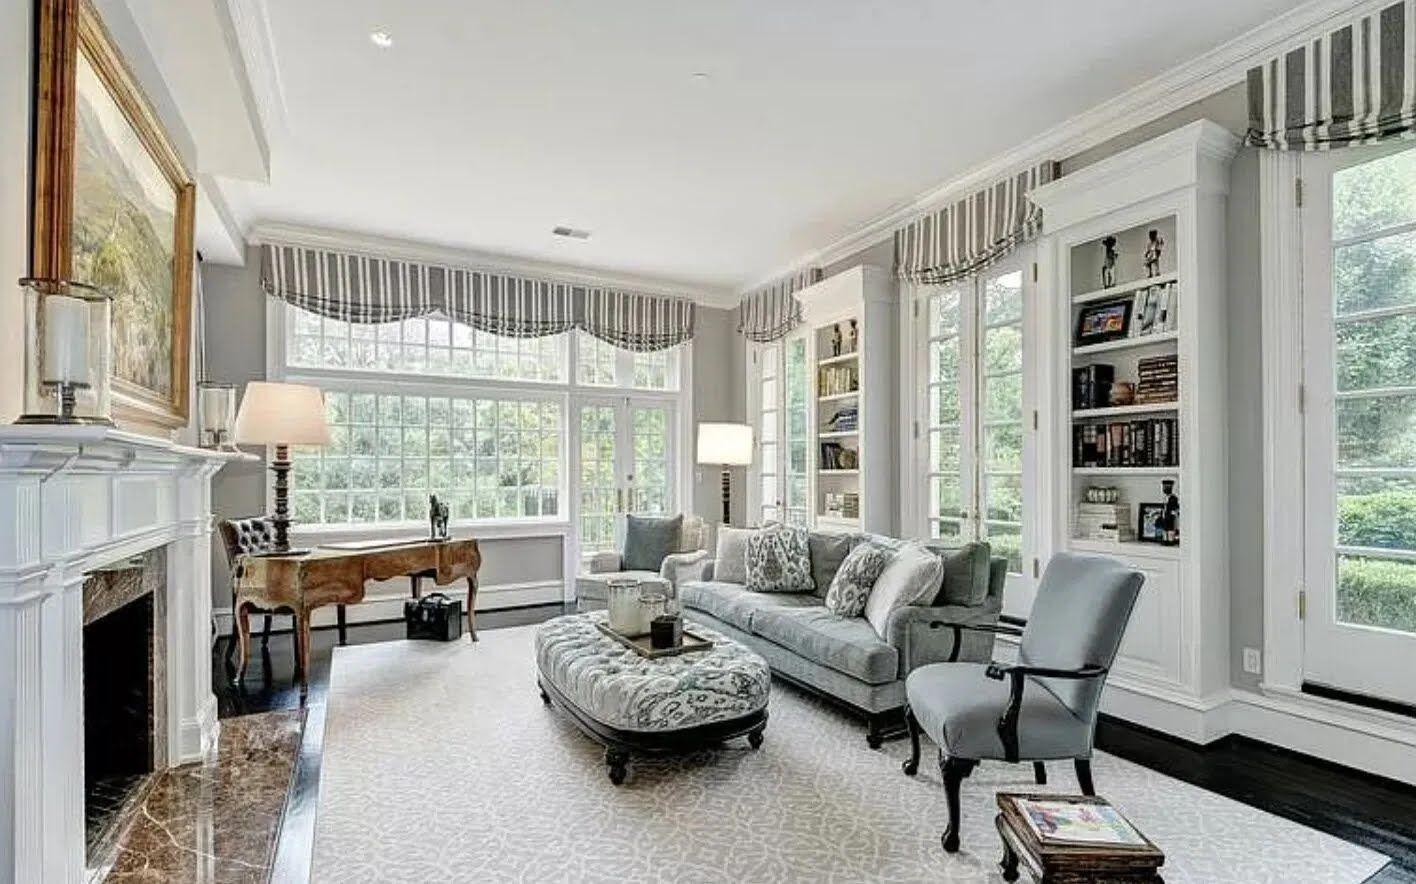 За этот особняк Байден отдавал за аренду $20 тыс. в месяц.